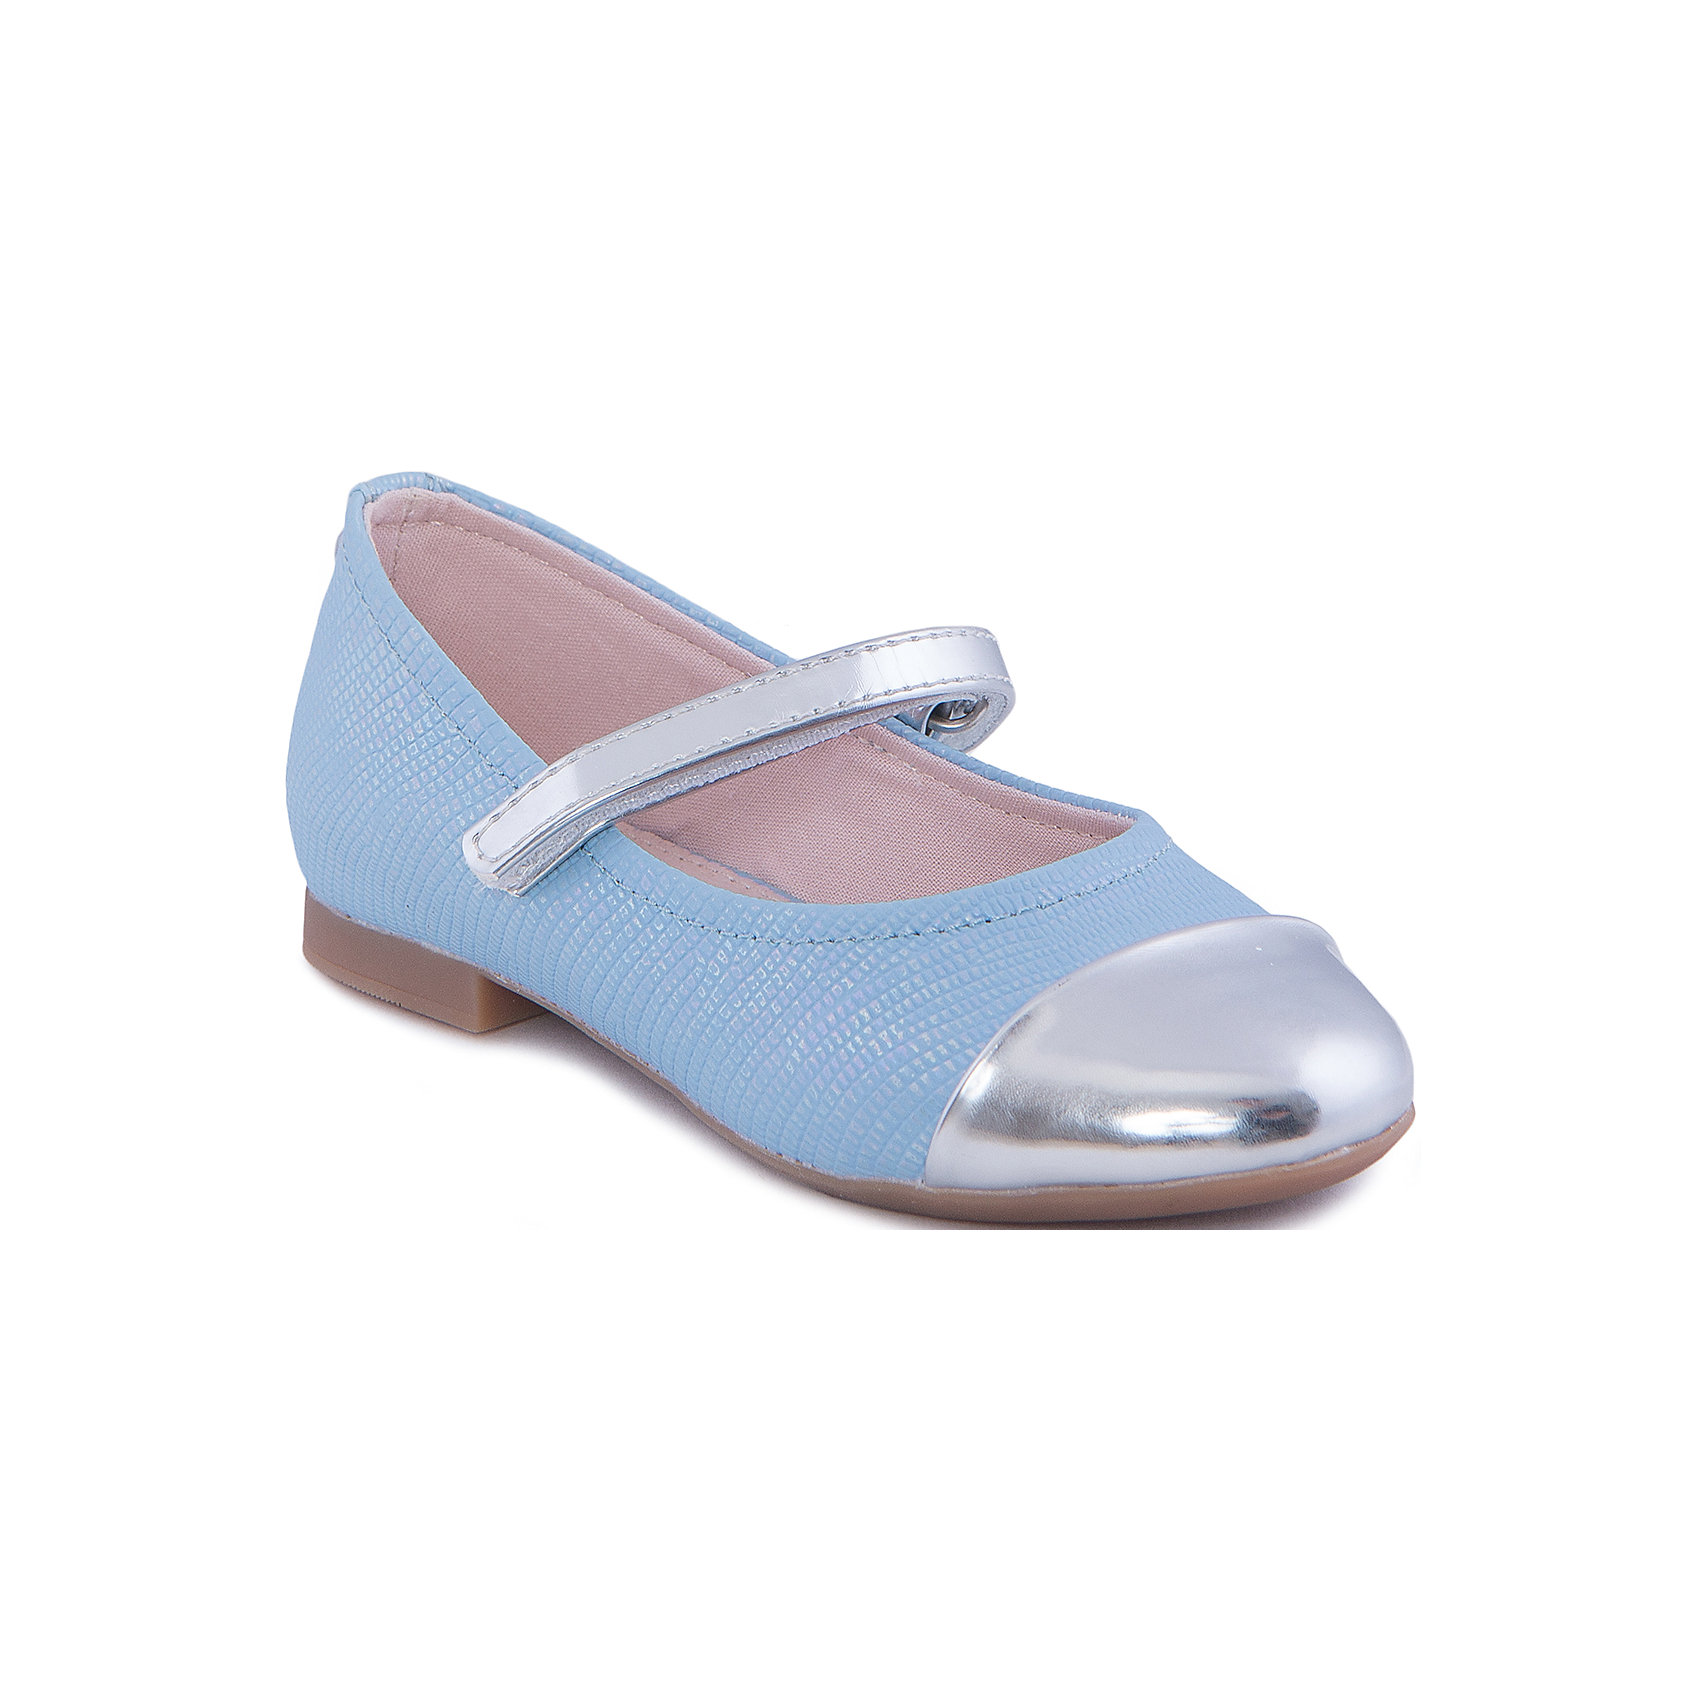 Туфли для девочки  MayoralСтильные туфли от известной испанской марки Mayoral приведут в восторг всех юных модниц! <br><br>Дополнительная информация:<br><br>- Стильный дизайн. <br>- Небольшой каблук.<br>- Застегиваются на липучку.<br>- Вставки и серебряной кожи на ремешке и носу. <br>- Состав: материал верха - 100% полиуретан; подкладка, стелька - 70% хлопок, 18% кожа, 12% - полиуретан ; подошва - 100% полиуретан.<br><br>Туфли Mayoral (Майорал) можно купить в нашем магазине.<br><br>Ширина мм: 227<br>Глубина мм: 145<br>Высота мм: 124<br>Вес г: 325<br>Цвет: голубой<br>Возраст от месяцев: 36<br>Возраст до месяцев: 48<br>Пол: Женский<br>Возраст: Детский<br>Размер: 27,26,32,31,30,29,28<br>SKU: 4539797